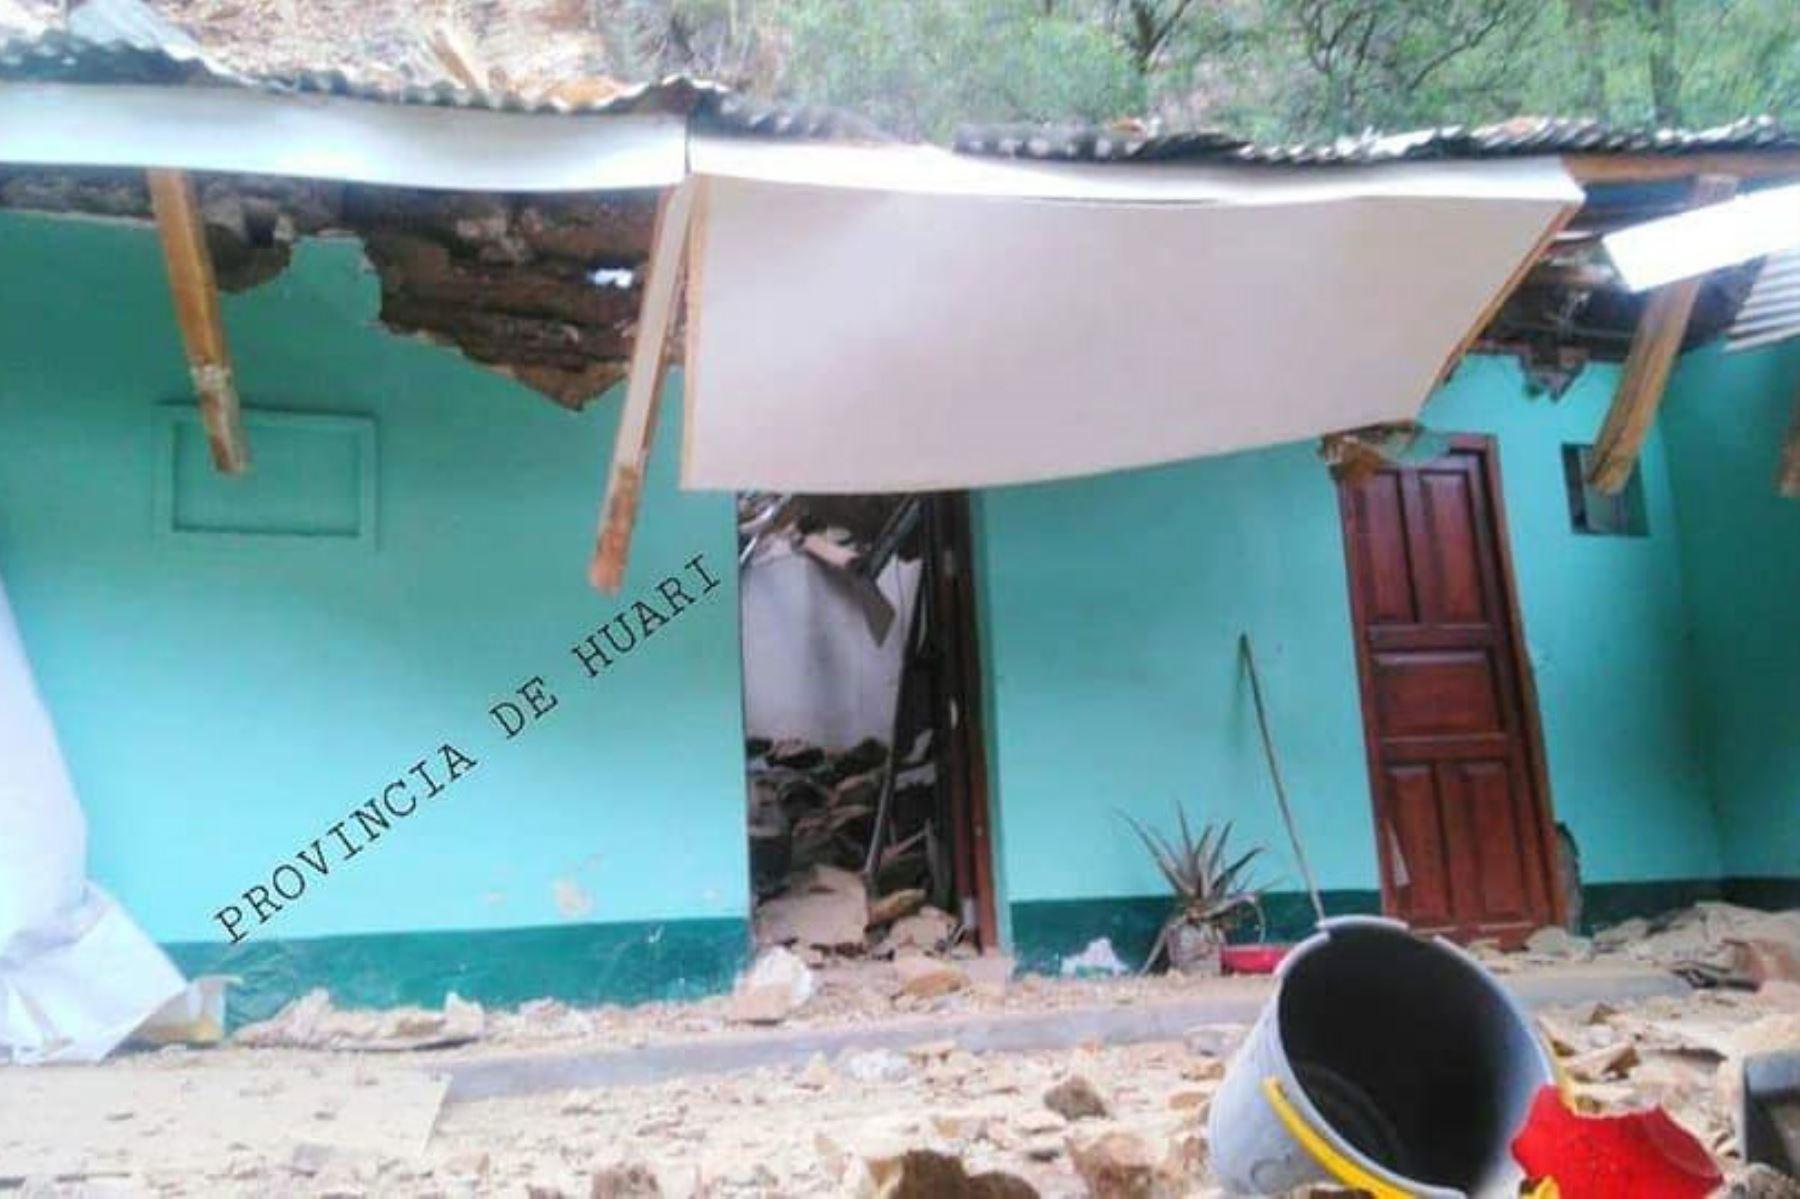 La comisaría de Huaytuna, ubicada en la provincia ancashina de Huari, quedó inhabitable por un derrumbe producto de las lluvias. Foto: Cortesía/Provincia de Huari